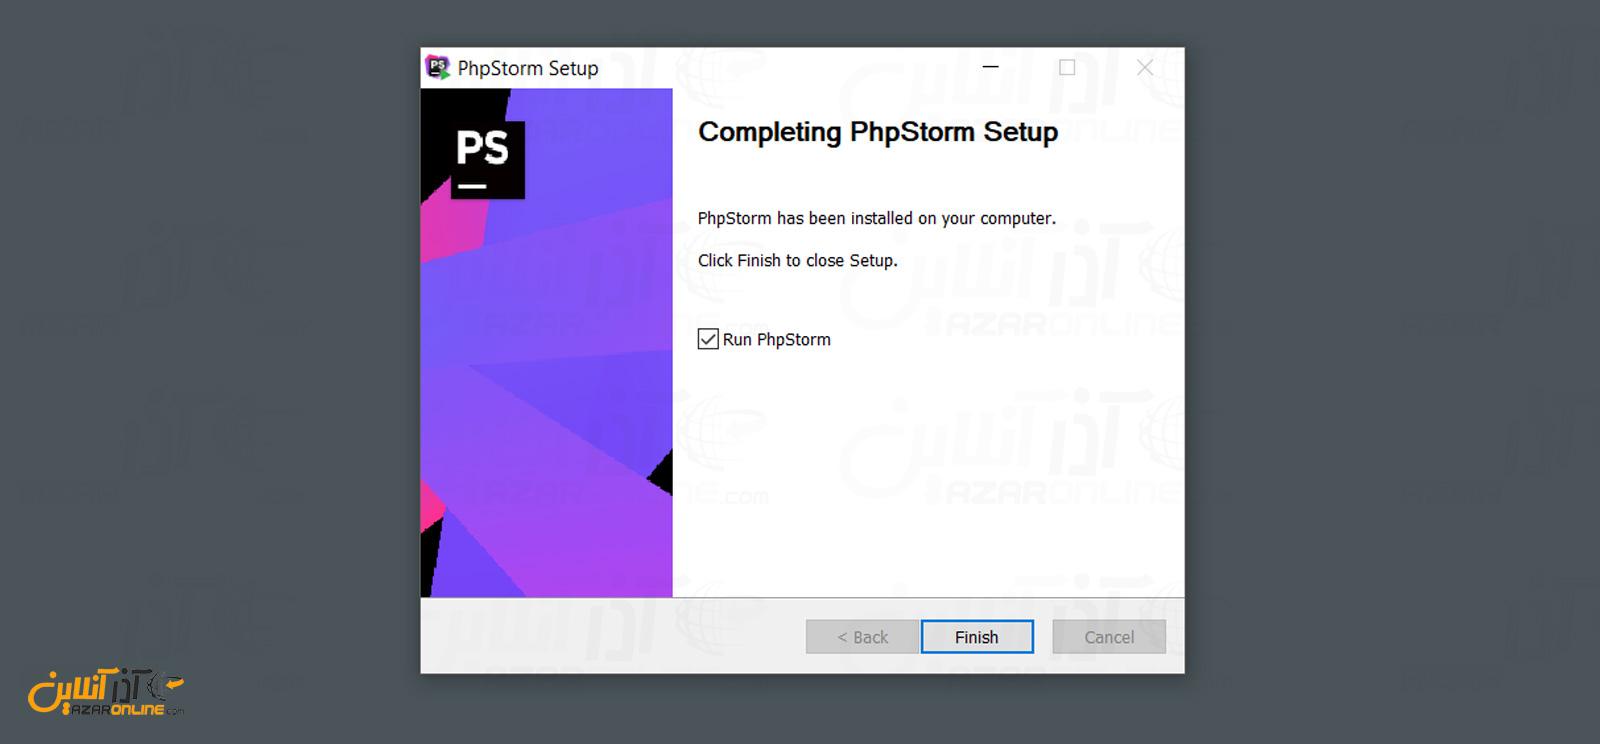 پایان نصب phpstorm در ویندوز